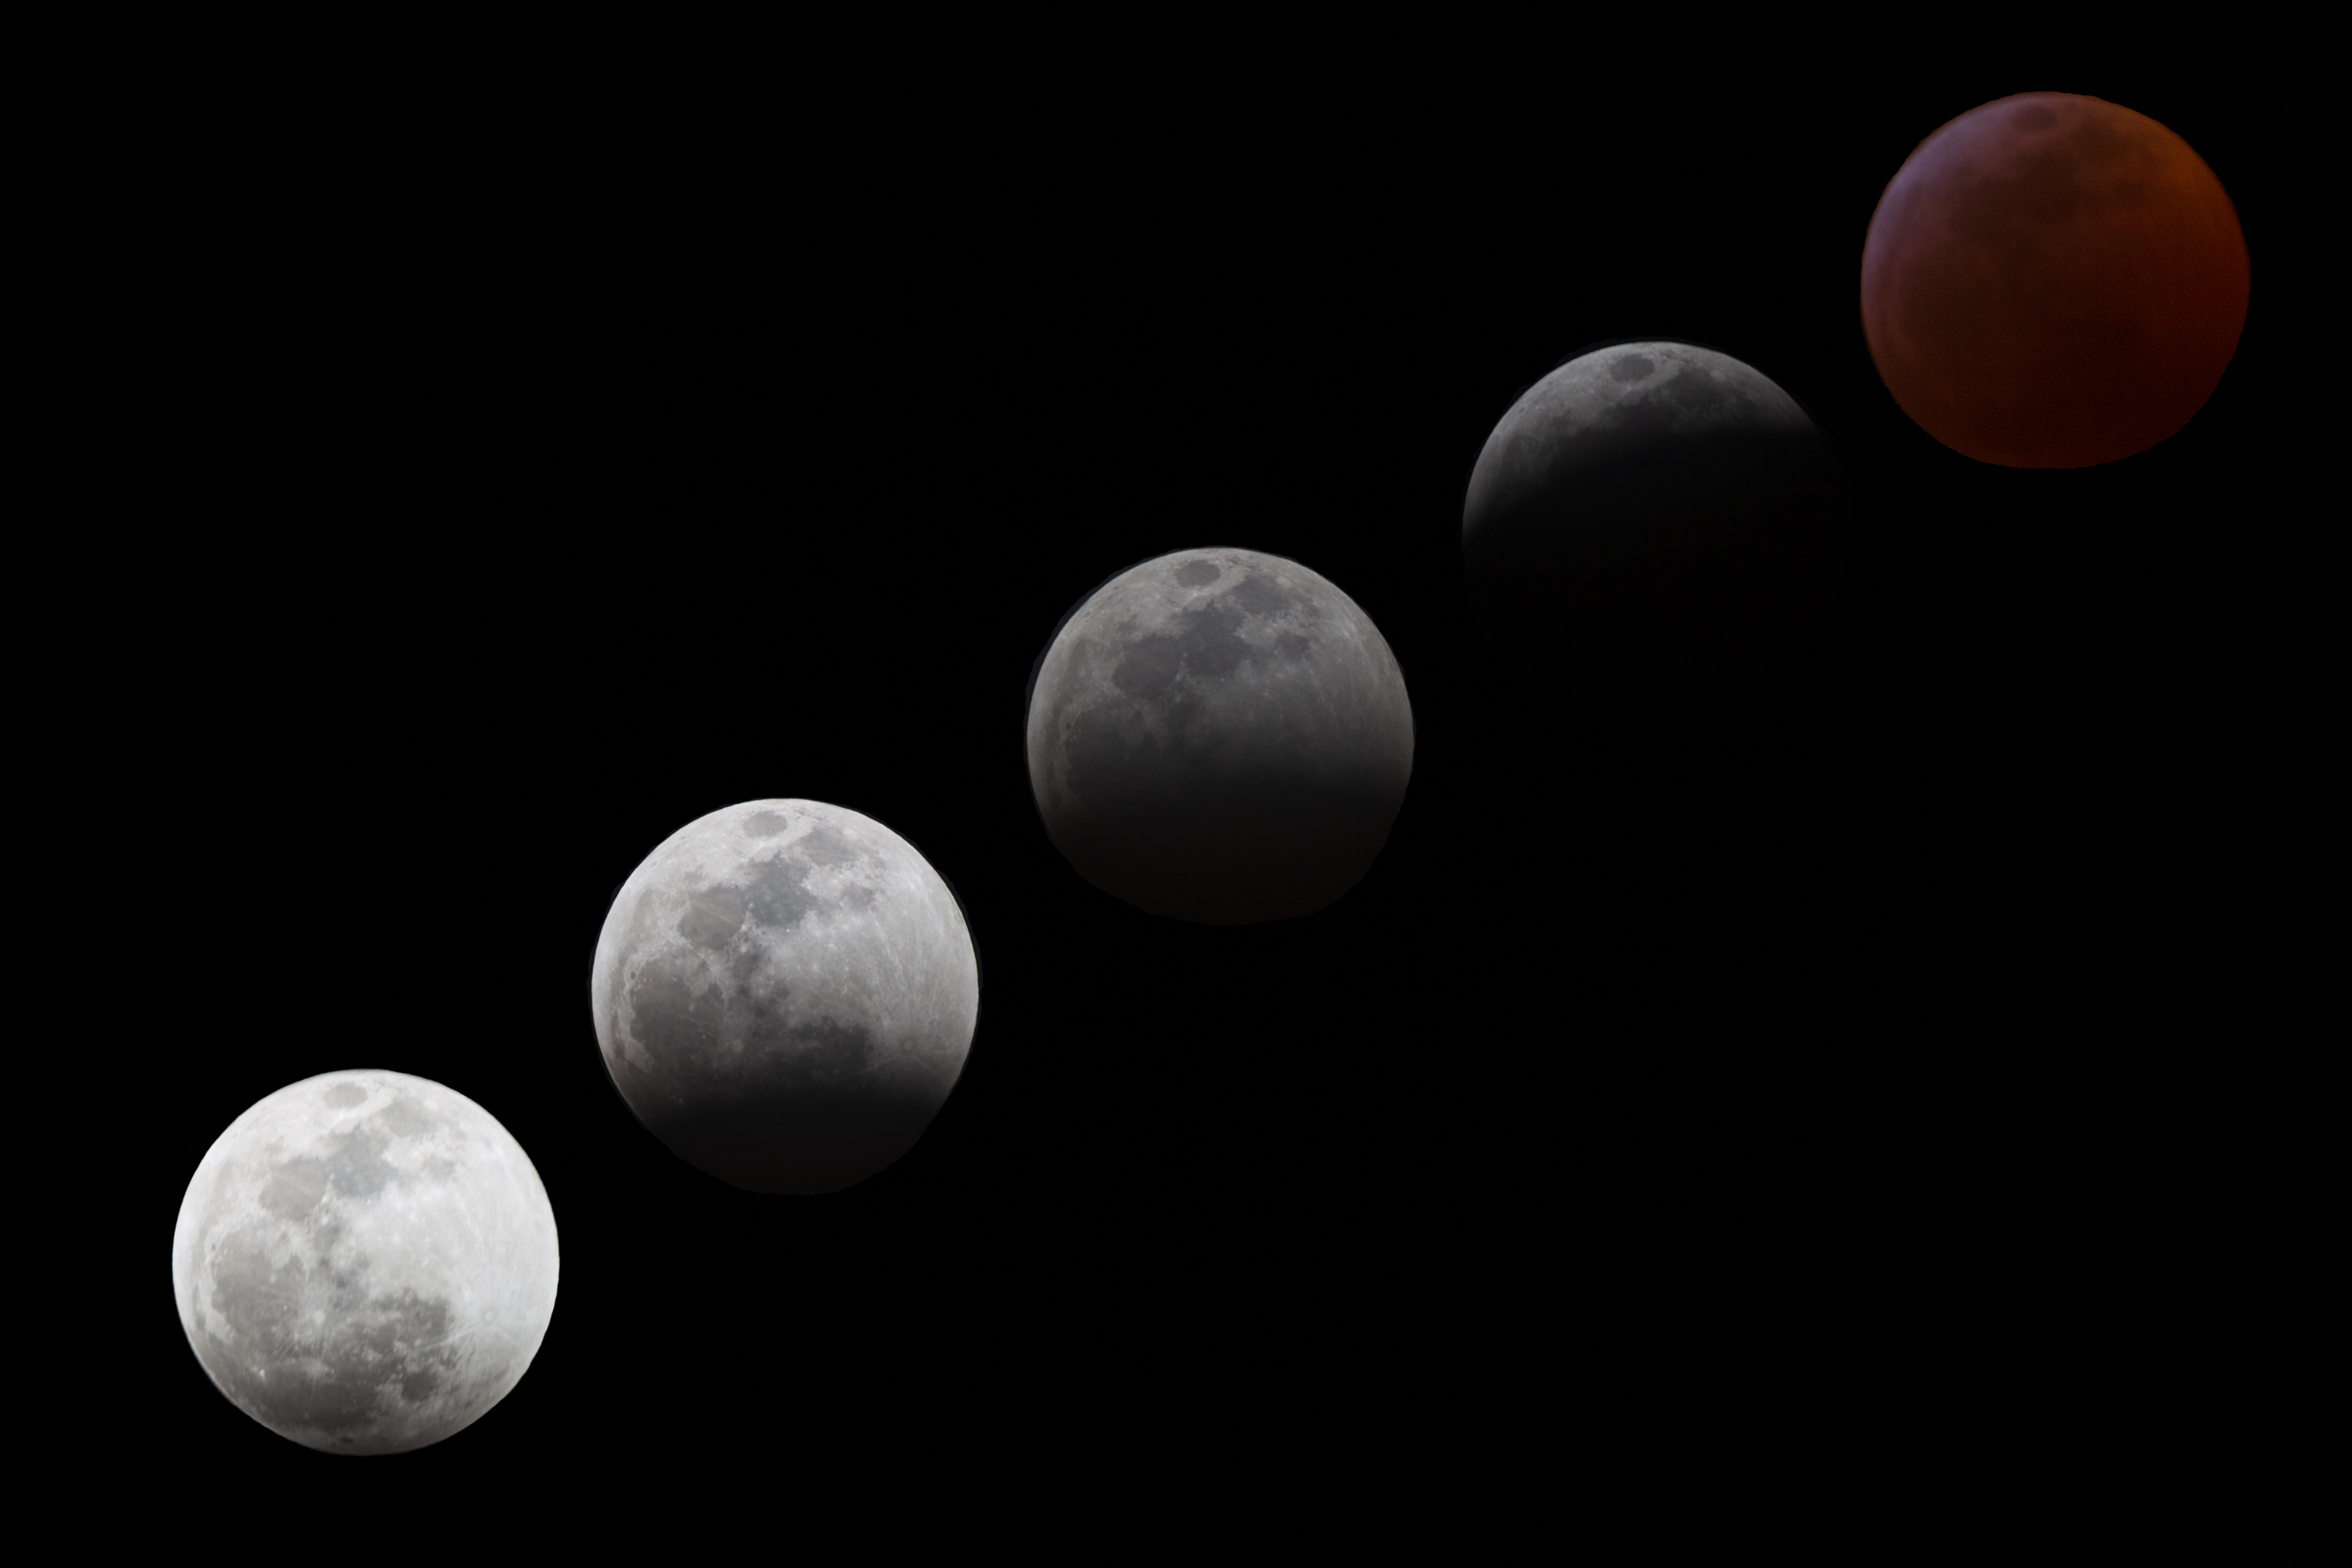 © 2019 Steve Winker,  whereswinker.com .  Canon 6D ,  Tamron 150-600mm f/5-6.3  lens.